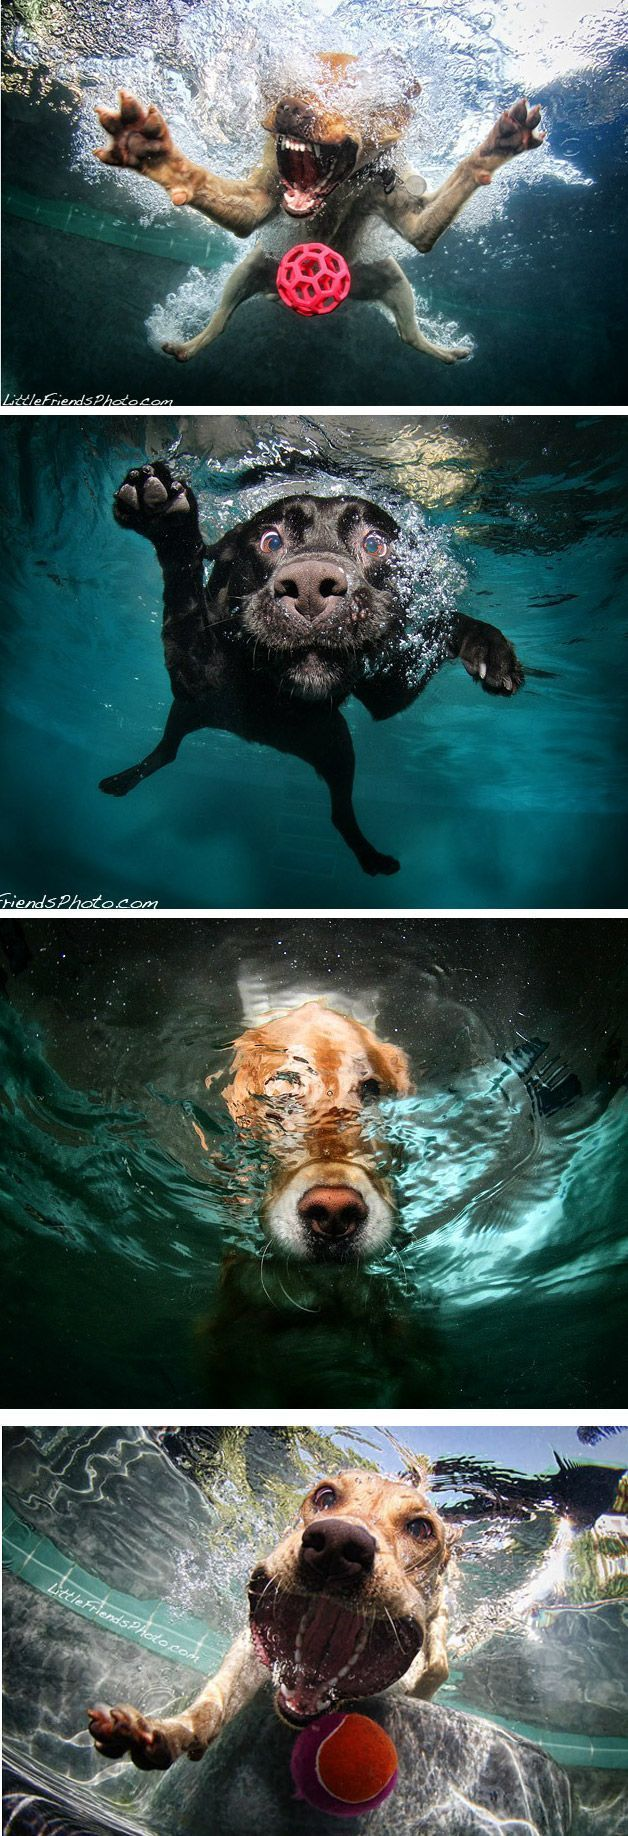 Underwater dog selfies